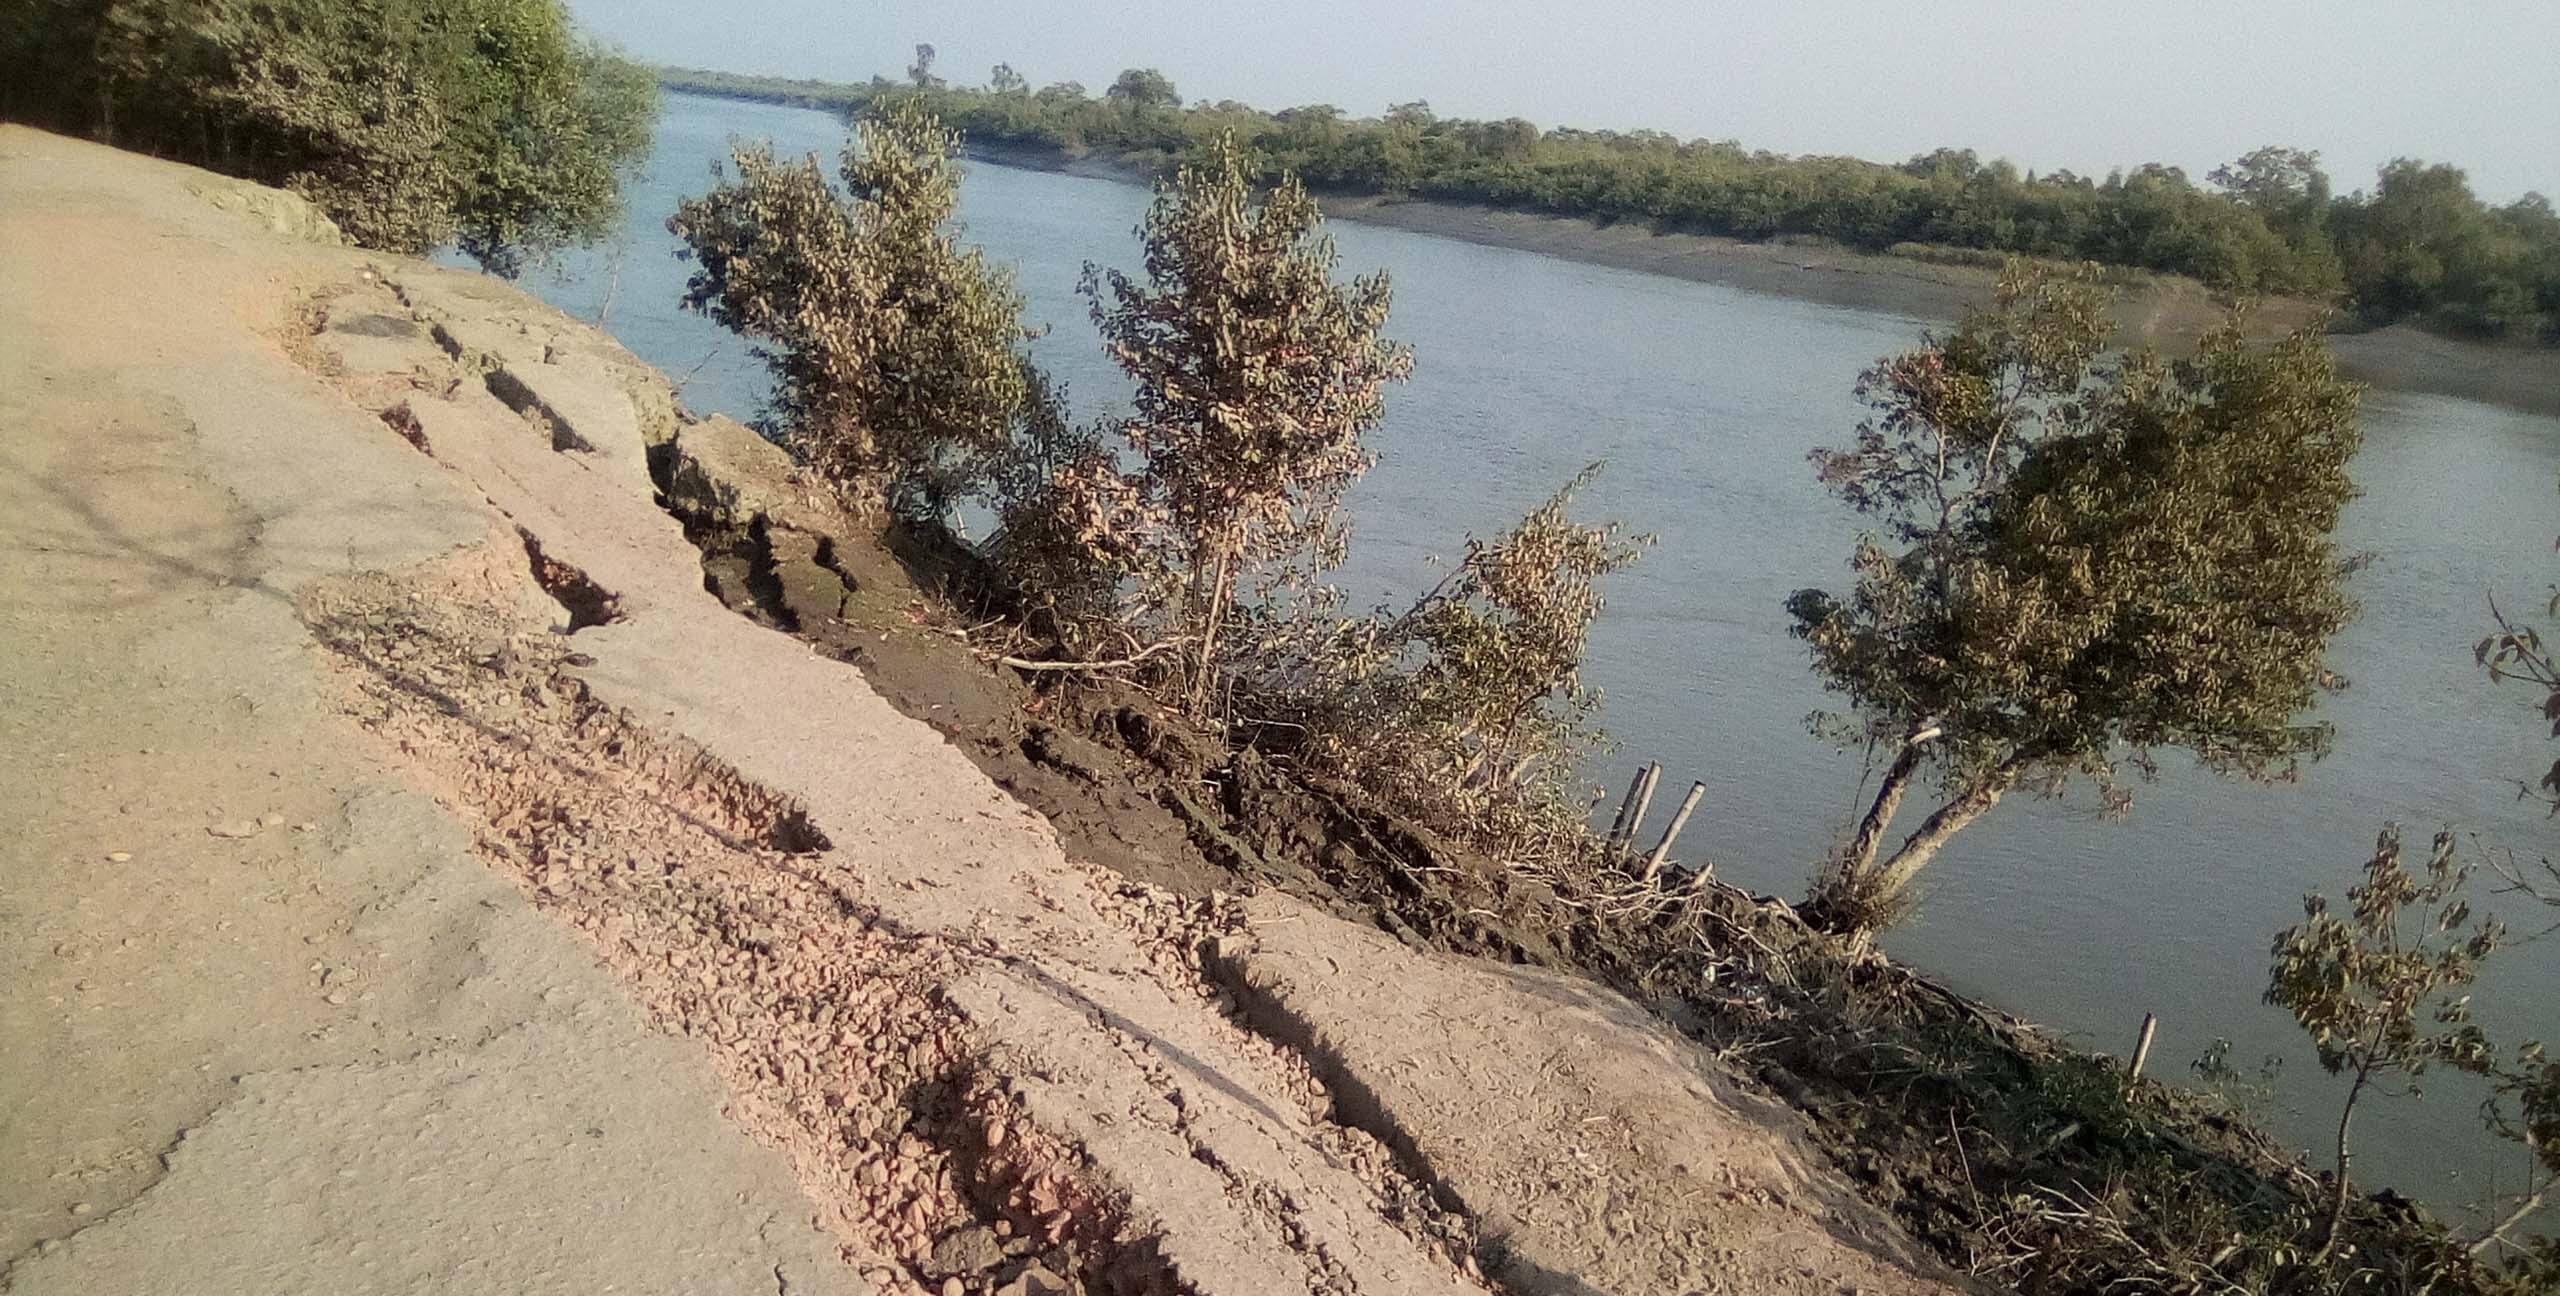 শ্যামনগরে পাউবোর বেড়িবাঁধে ভাঙন: আতংকে এলাকাবাসি